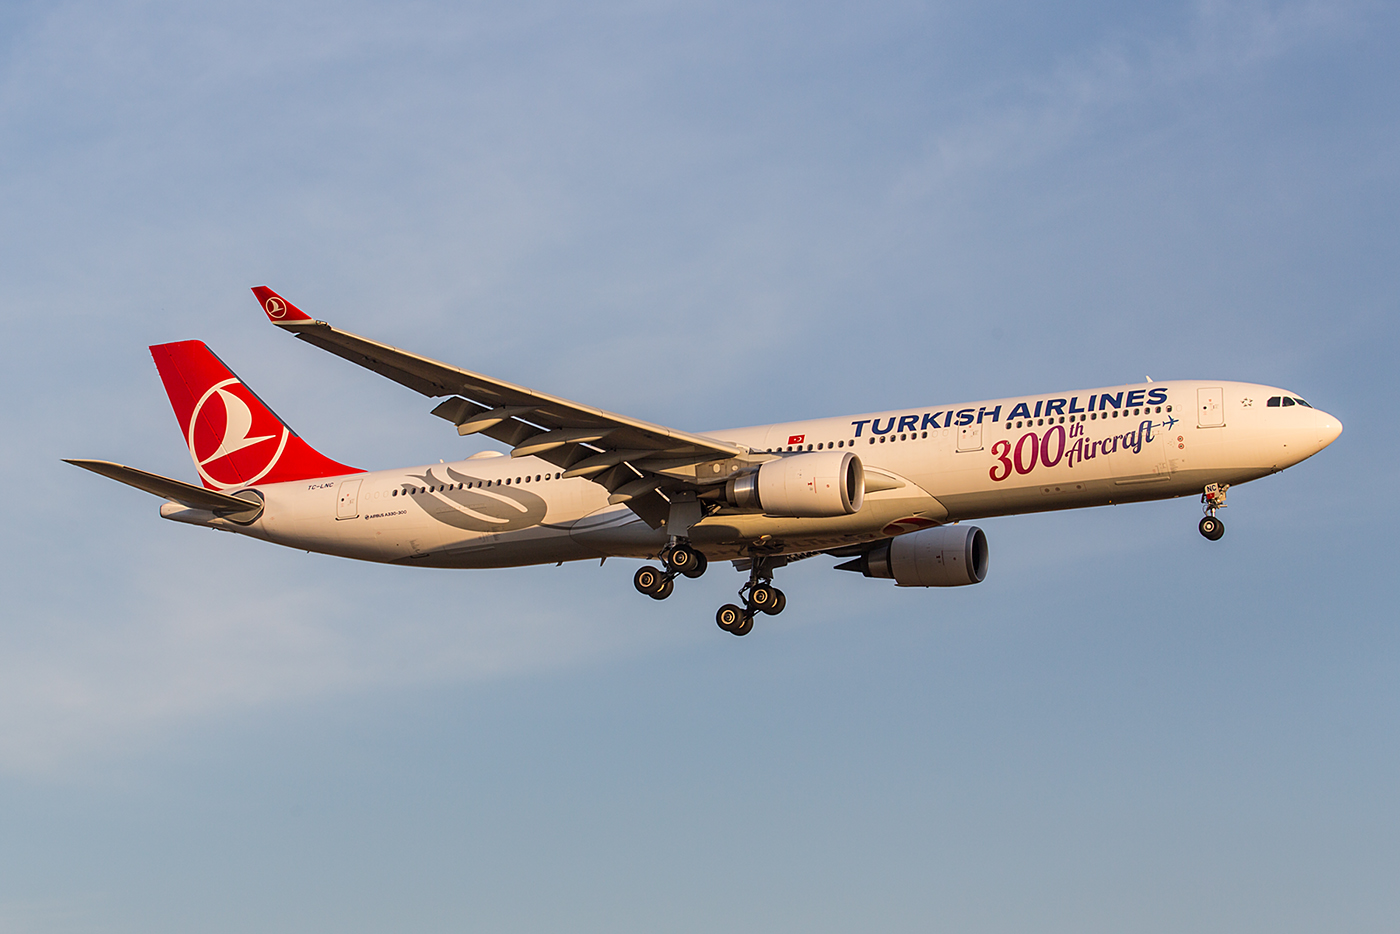 Diese A330 ist das 300. Flugzeug für Turkish Airlines.